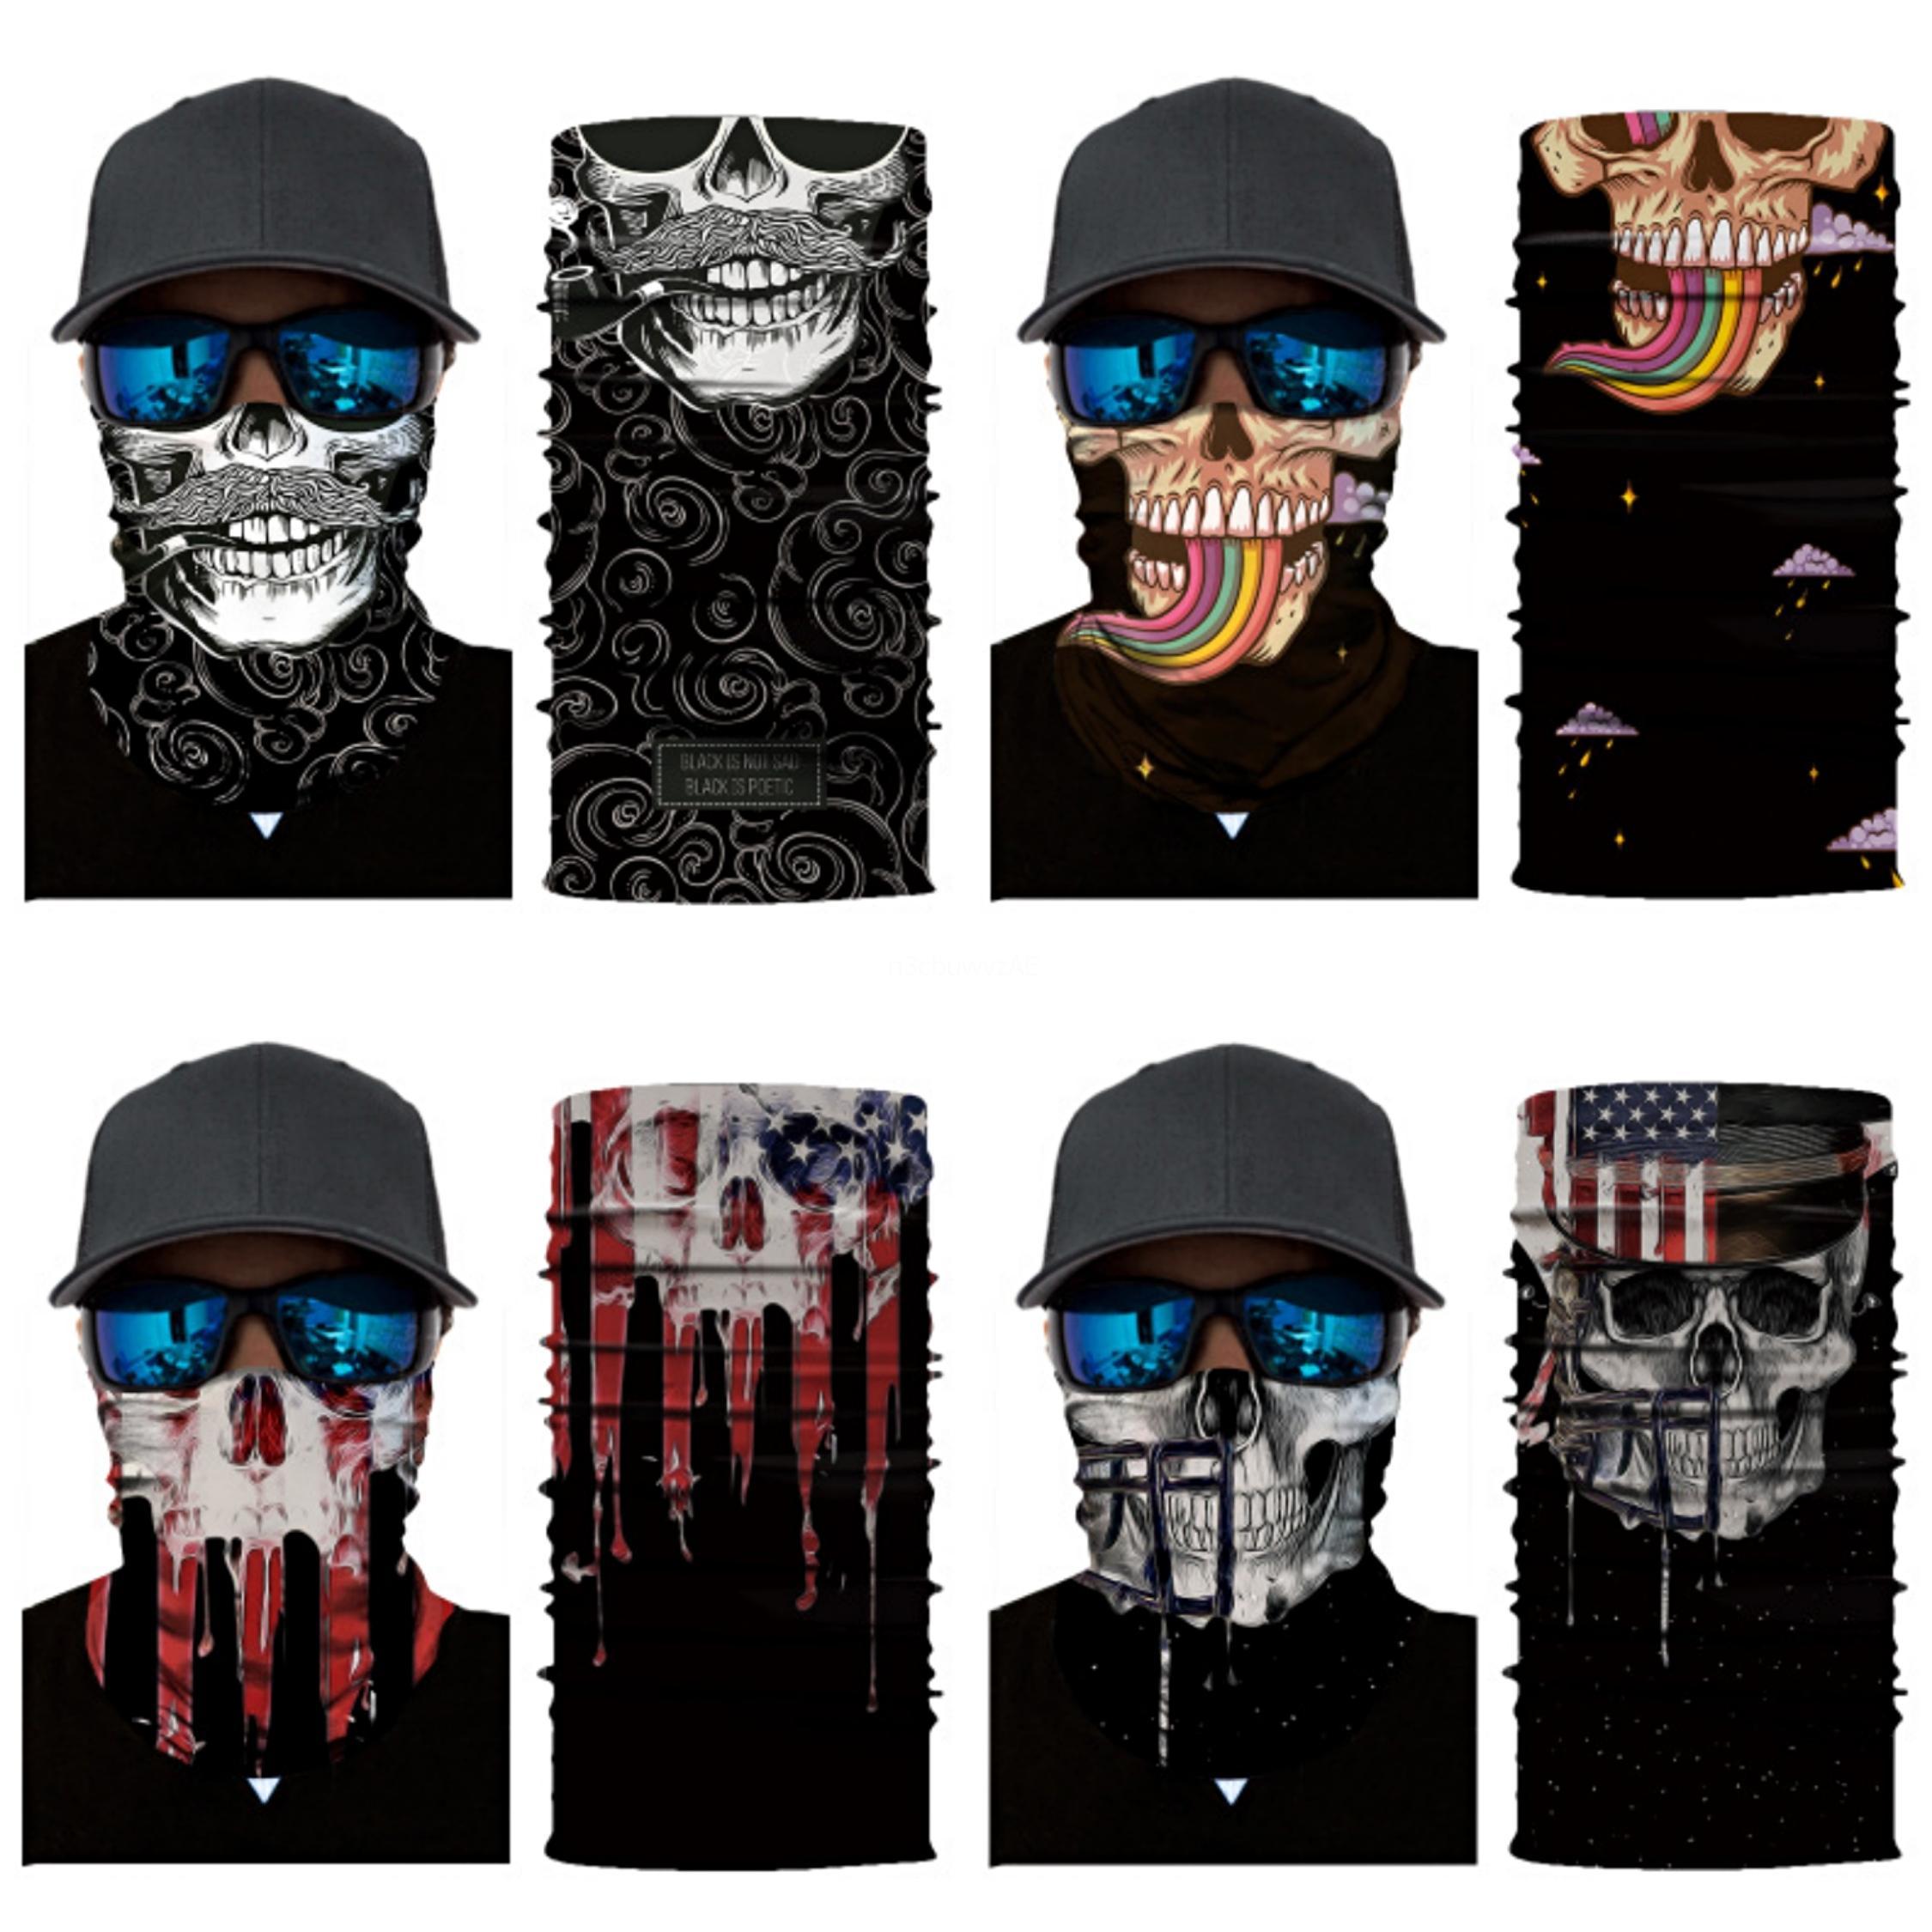 BFBvr caliente OutdoorFlag magia con el pañuelo de ciclismo mascarillas faciales Pañuelos prueba de viento Deporte Cabeza Máscara Headskull bufanda Diseñador filtro Máscara # 241